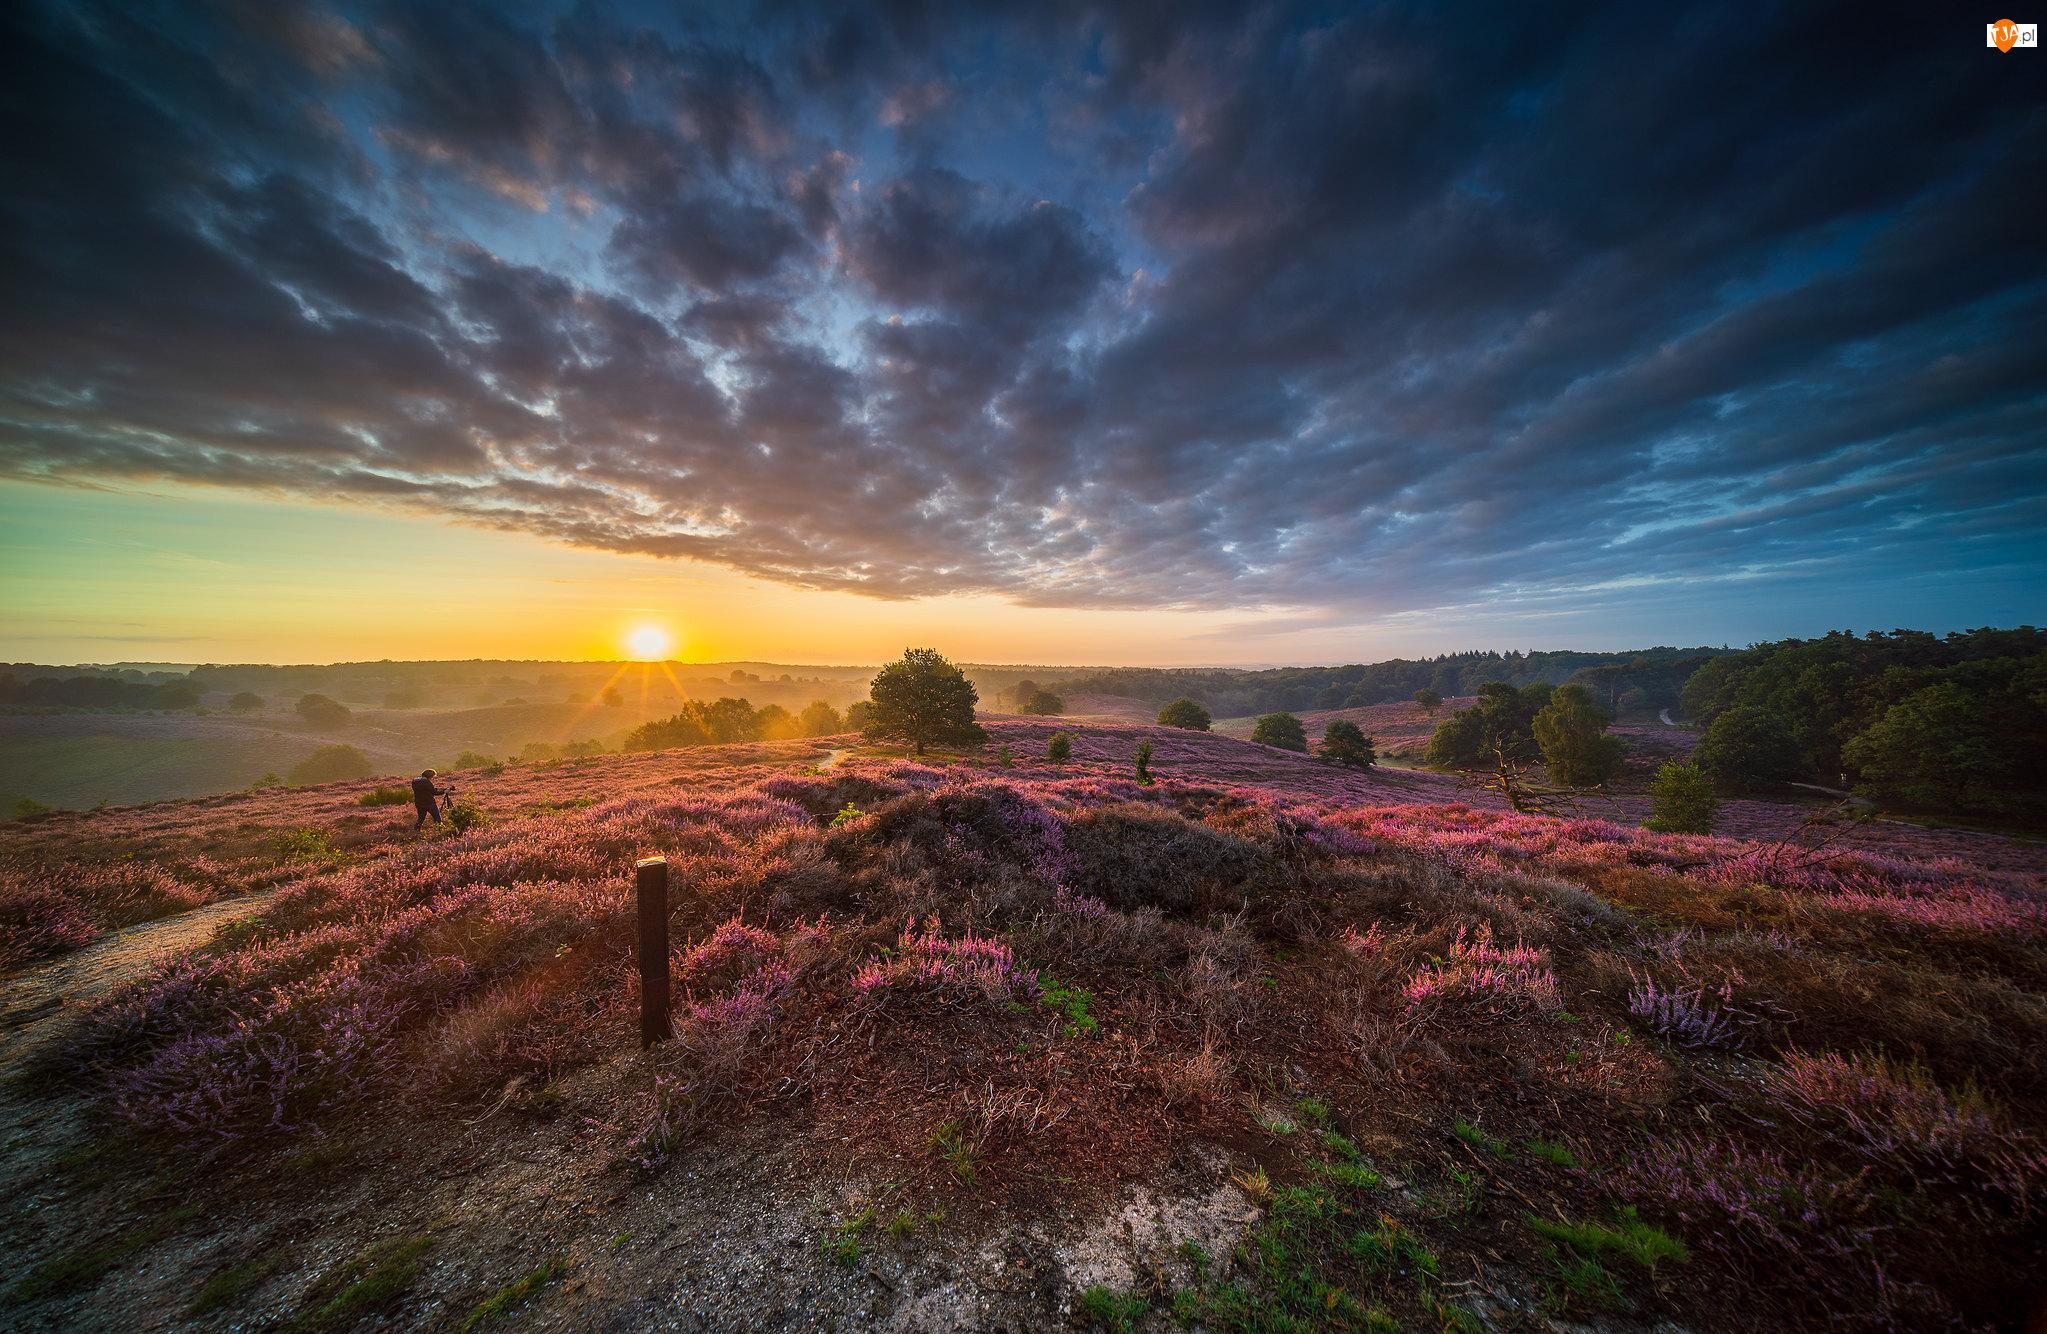 Park Narodowy Veluwezoom, Wrzosowisko, Chmury, Prowincja Geldria, Wrzosy, Wschód słońca, Holandia, Drzewa